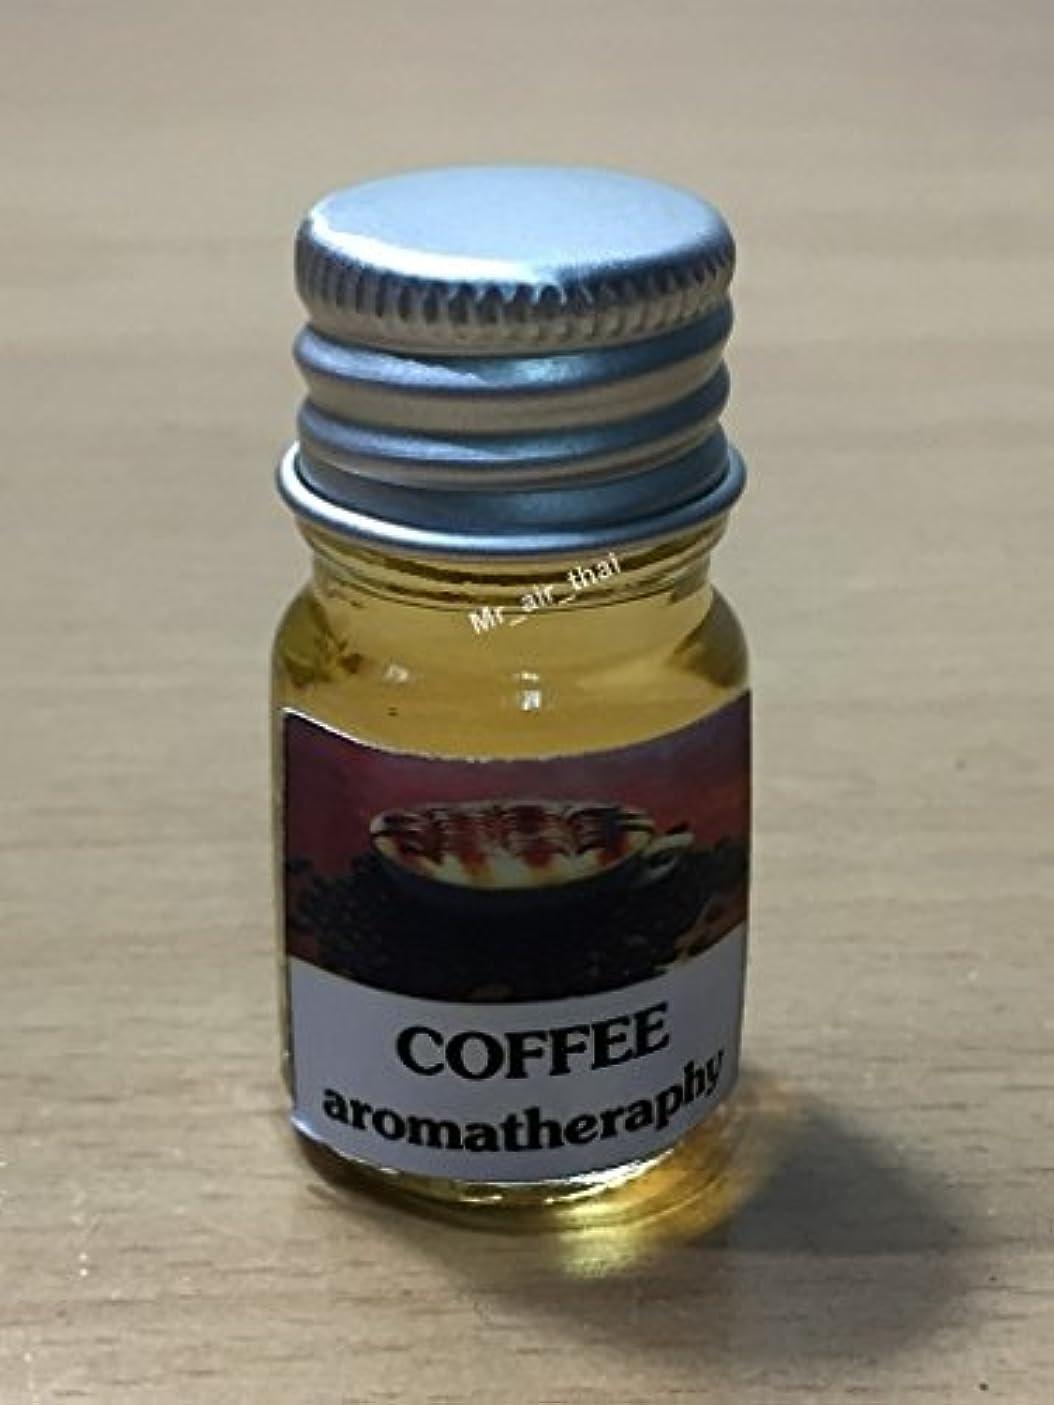 5ミリリットルアロマコーヒーフランクインセンスエッセンシャルオイルボトルアロマテラピーオイル自然自然5ml Aroma Coffee Frankincense Essential Oil Bottles Aromatherapy...